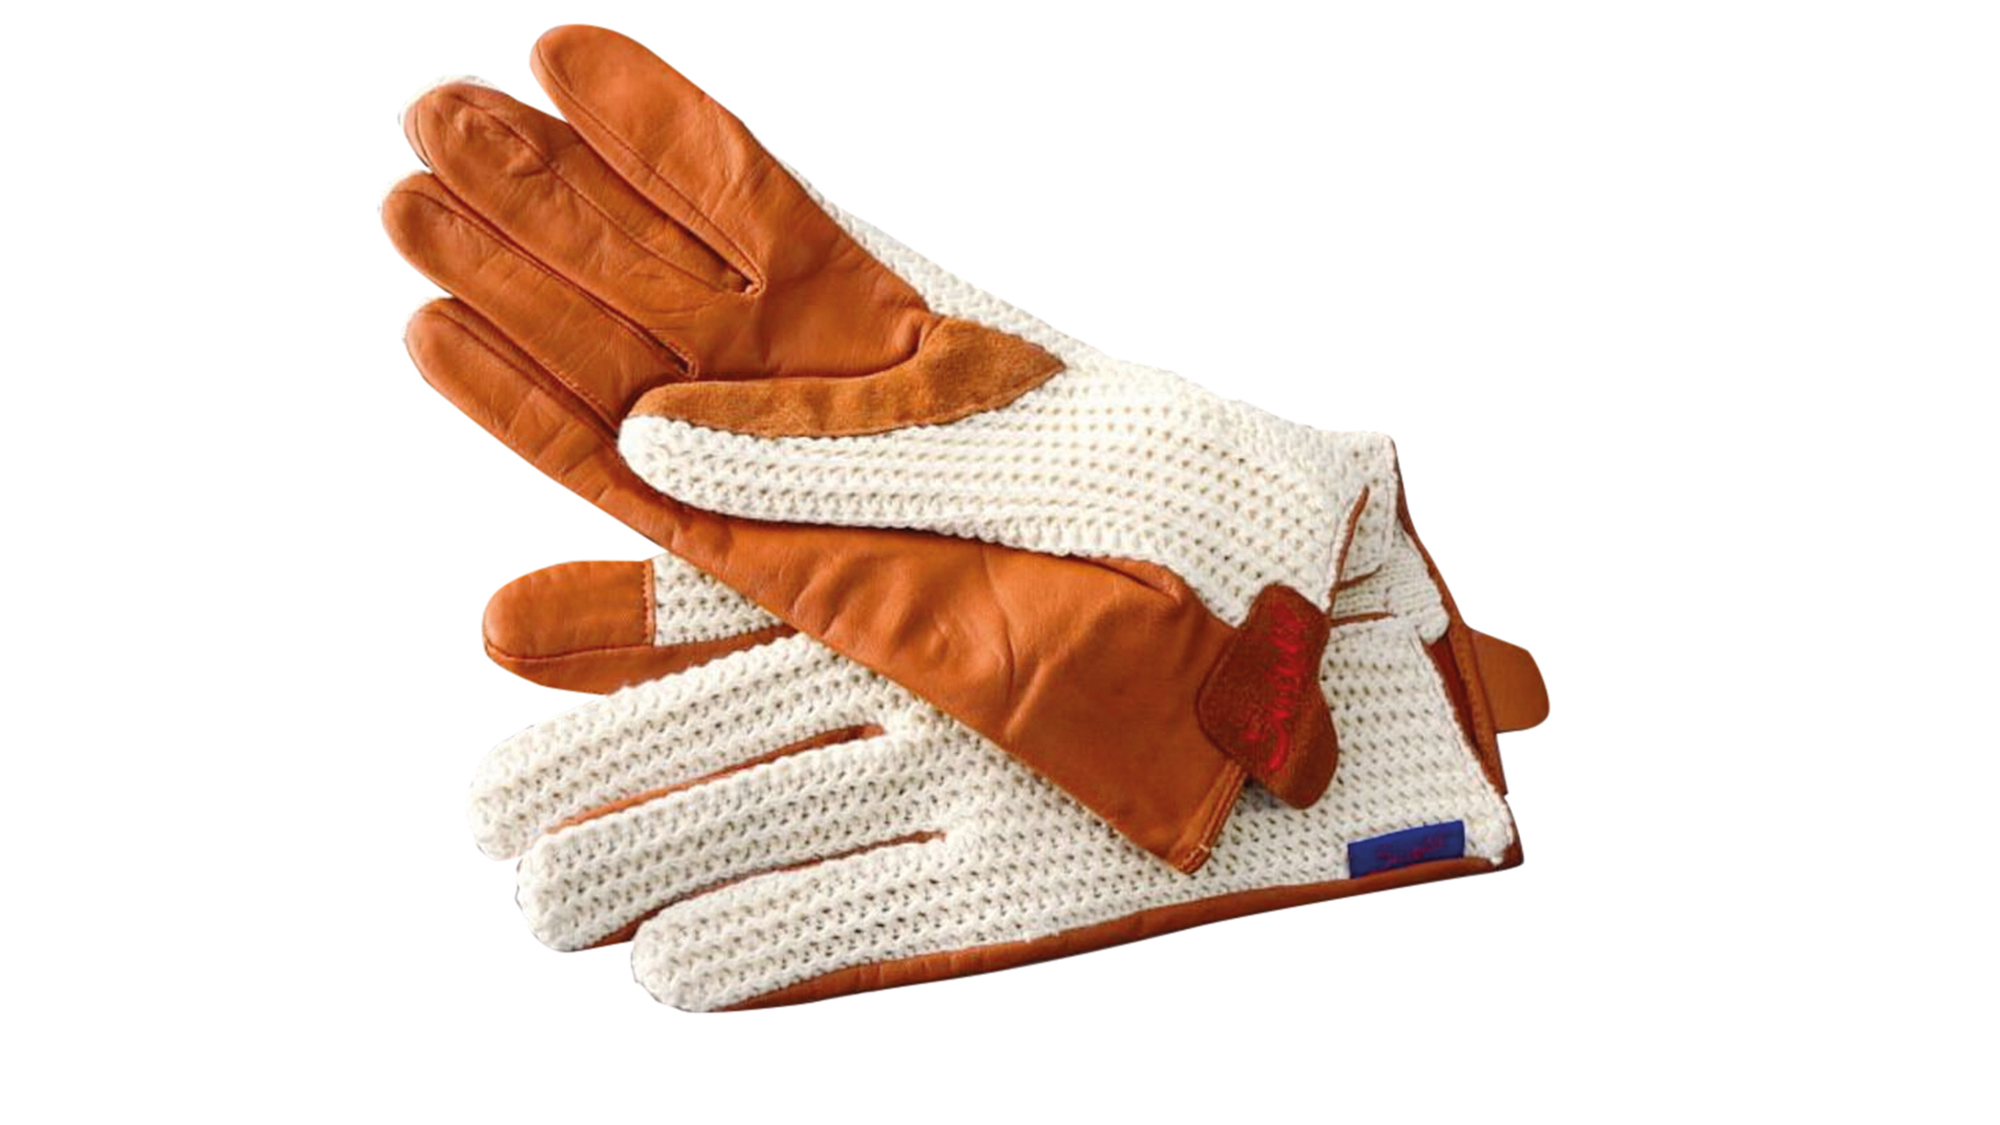 Suixtil driving gloves